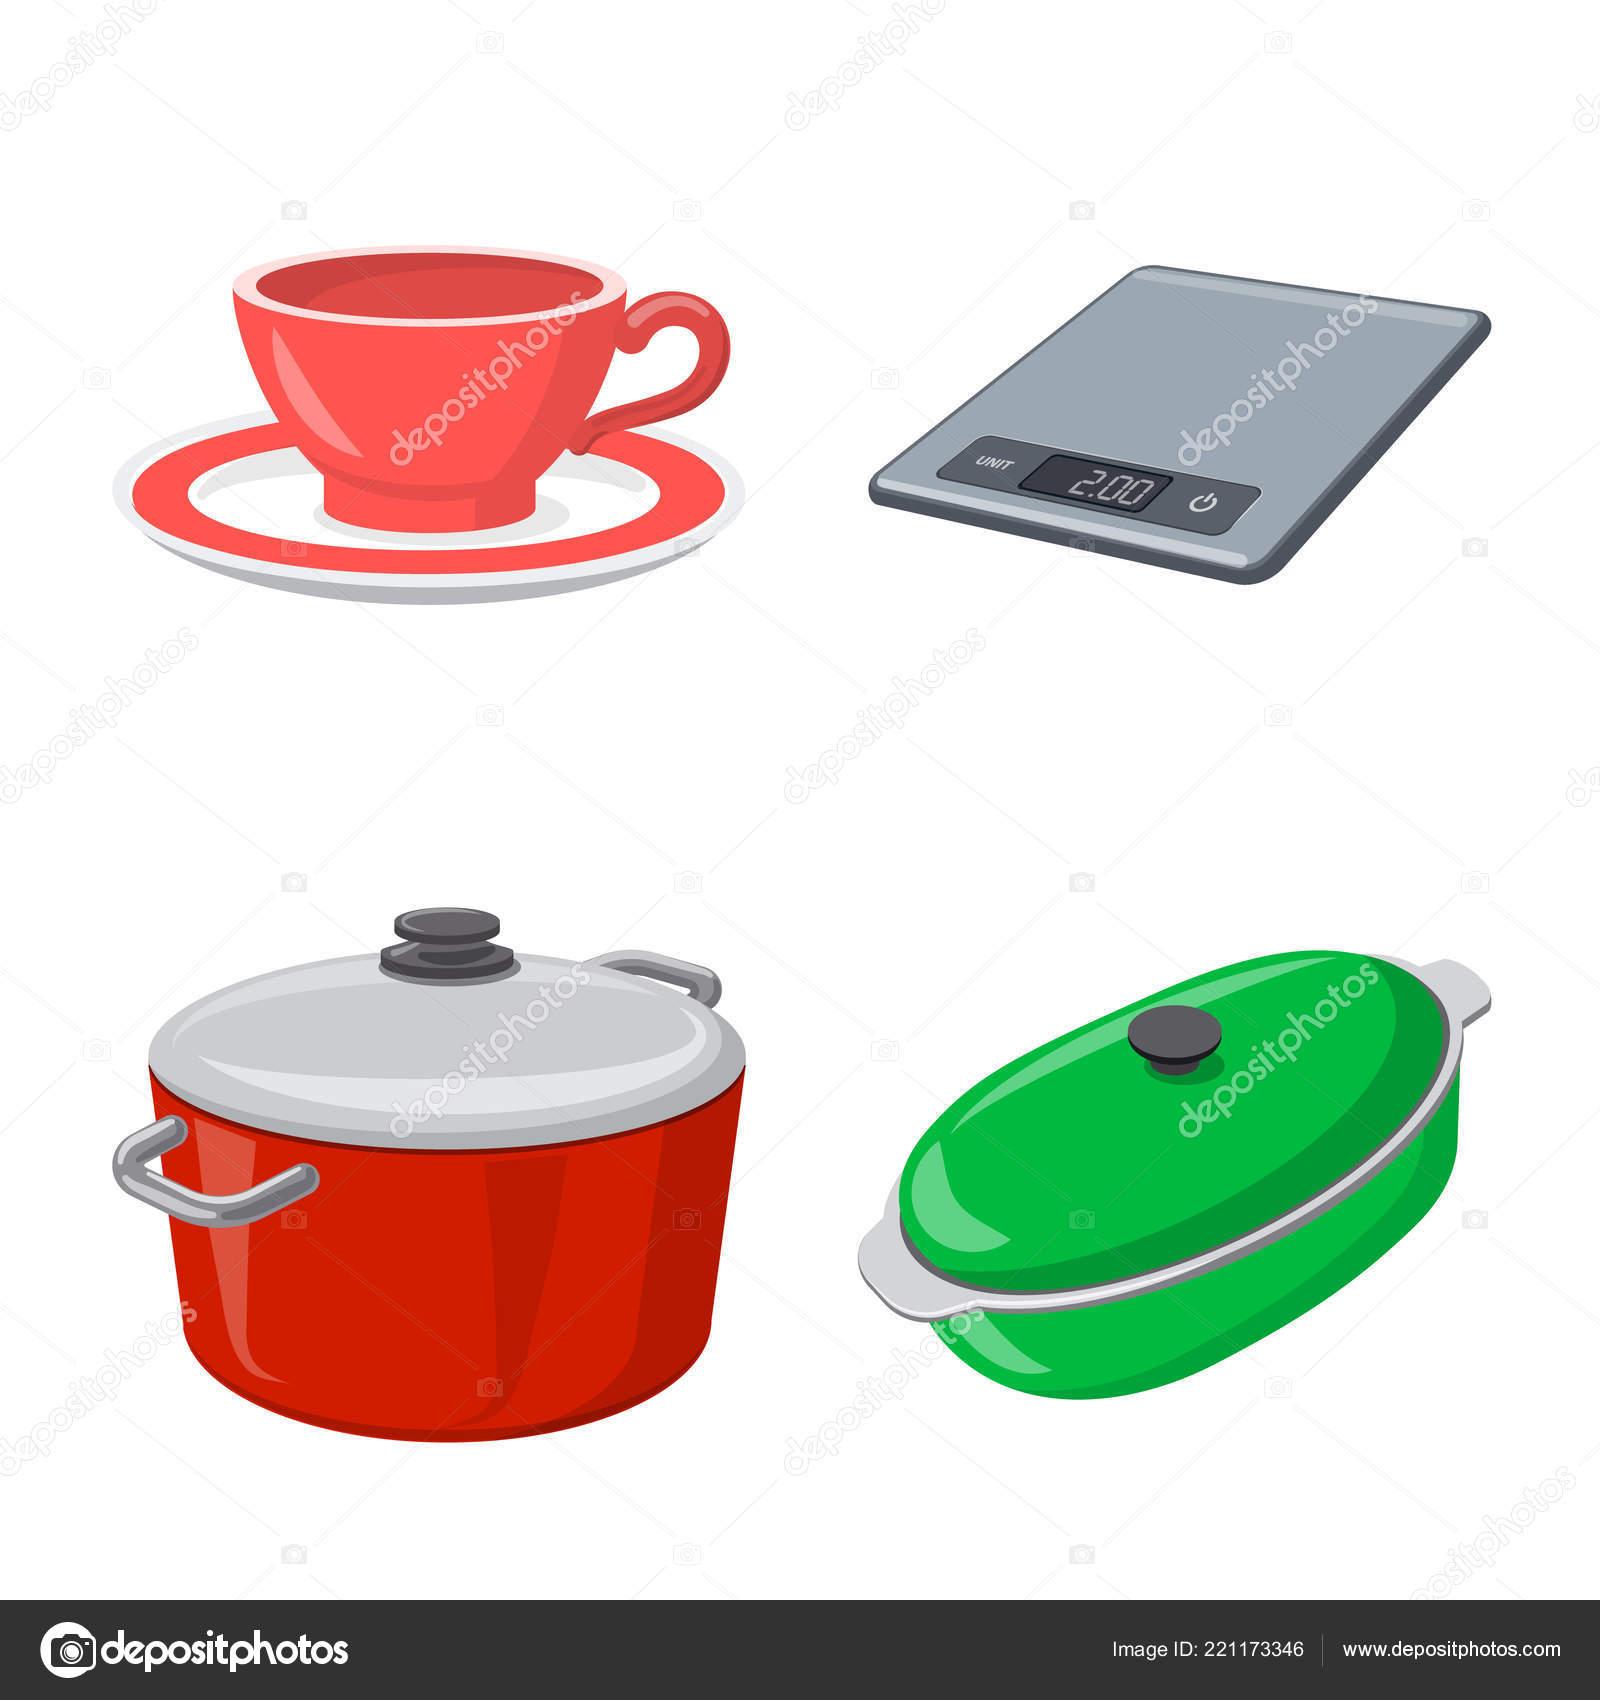 in stock kitchens stationary kitchen islands 厨房和厨师标志的向量例证 库存厨房和家电矢量图标收藏 图库矢量图像